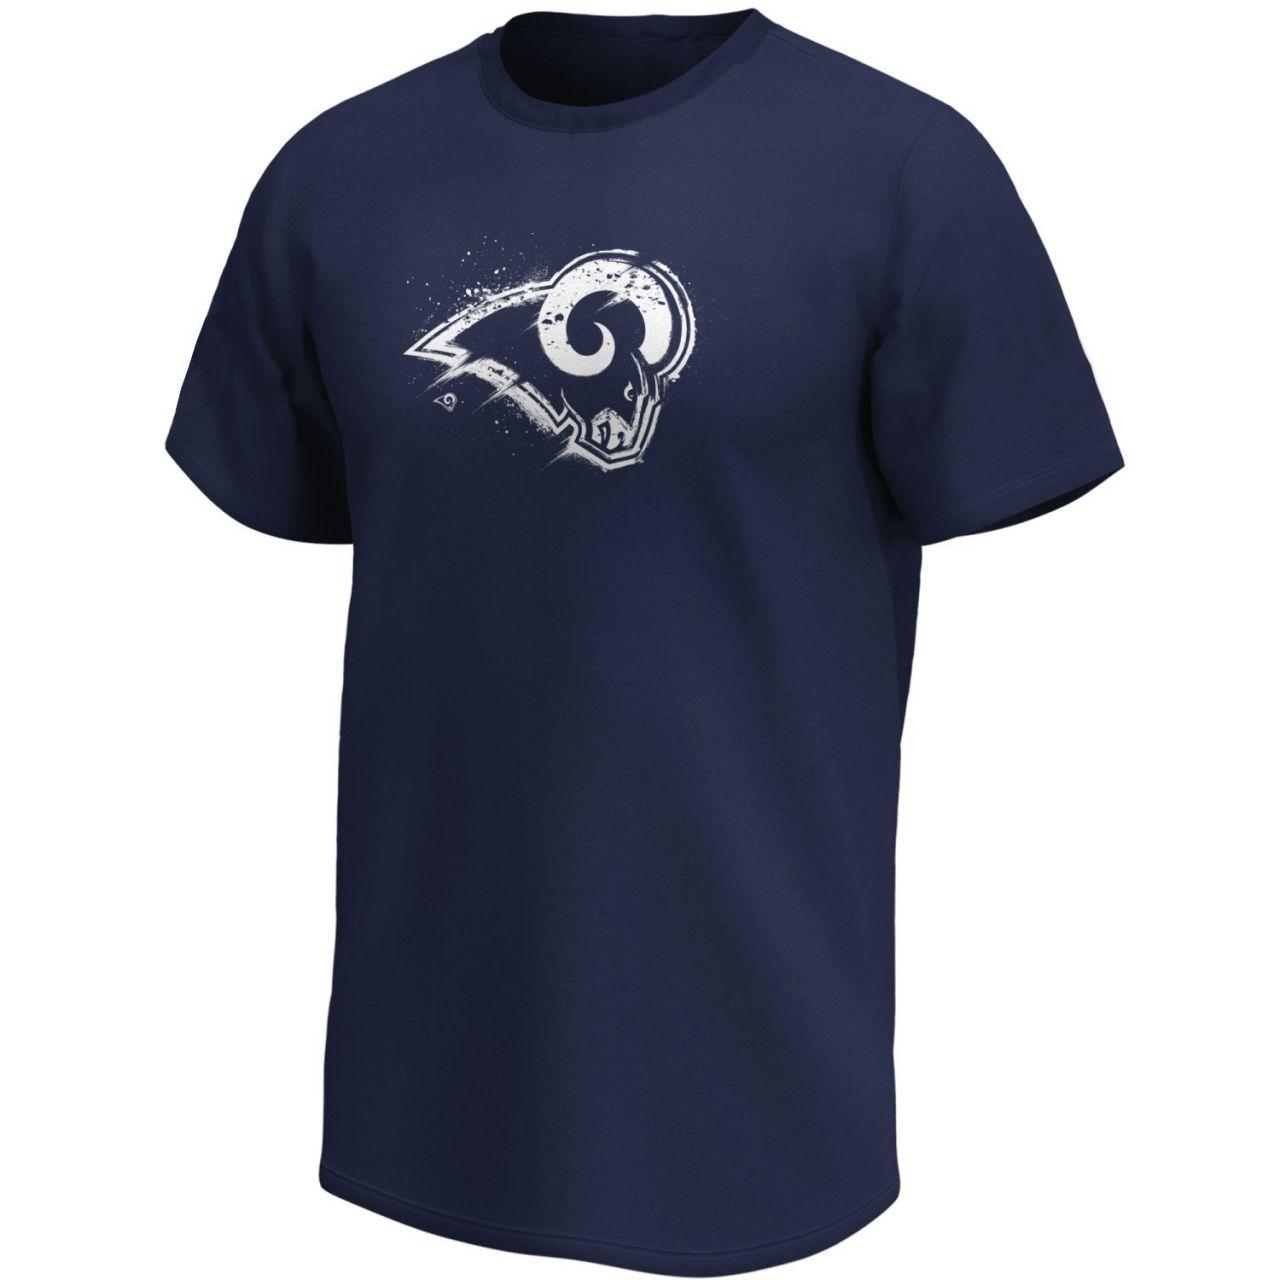 amfoo - Los Angeles Rams NFL Fan T-Shirt Splatter Logo navy